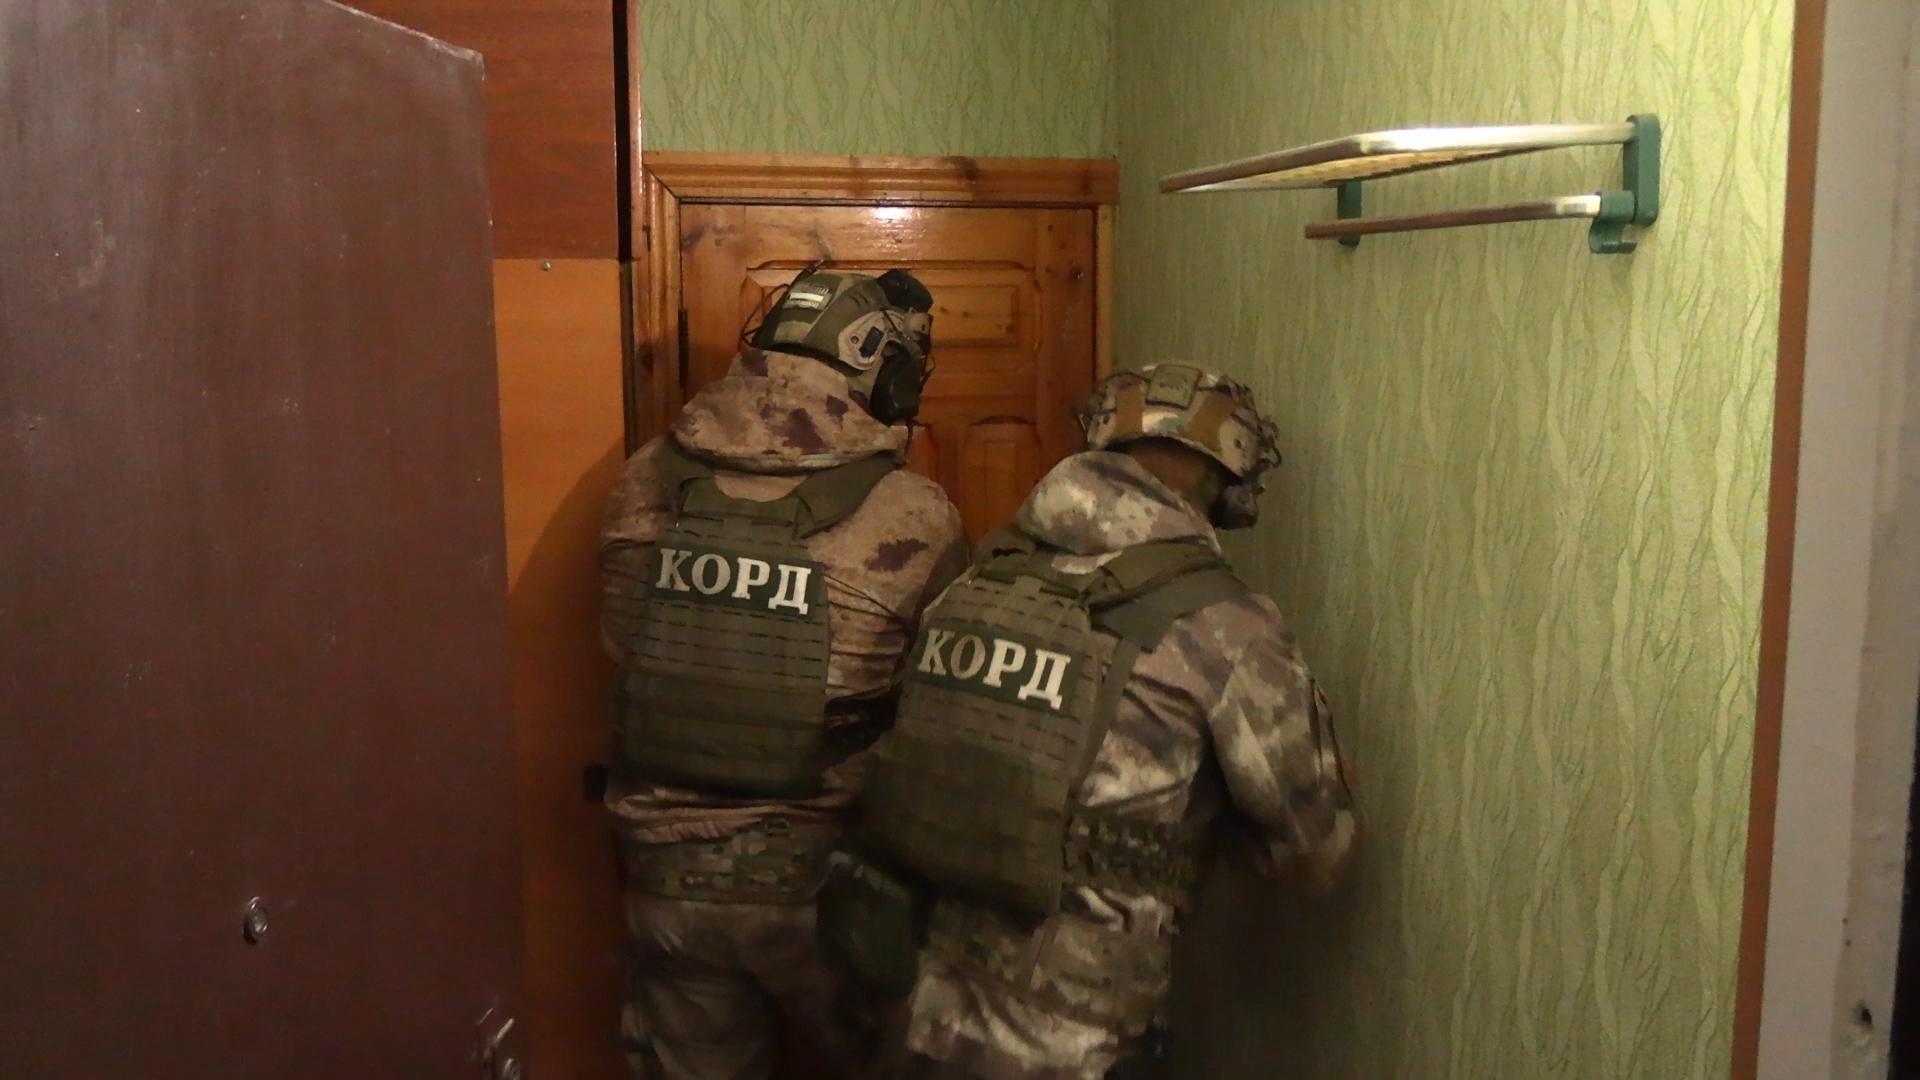 У Вінниці затримали чоловіка, який виготовляв та продавав наркотики (Фото+Відео)